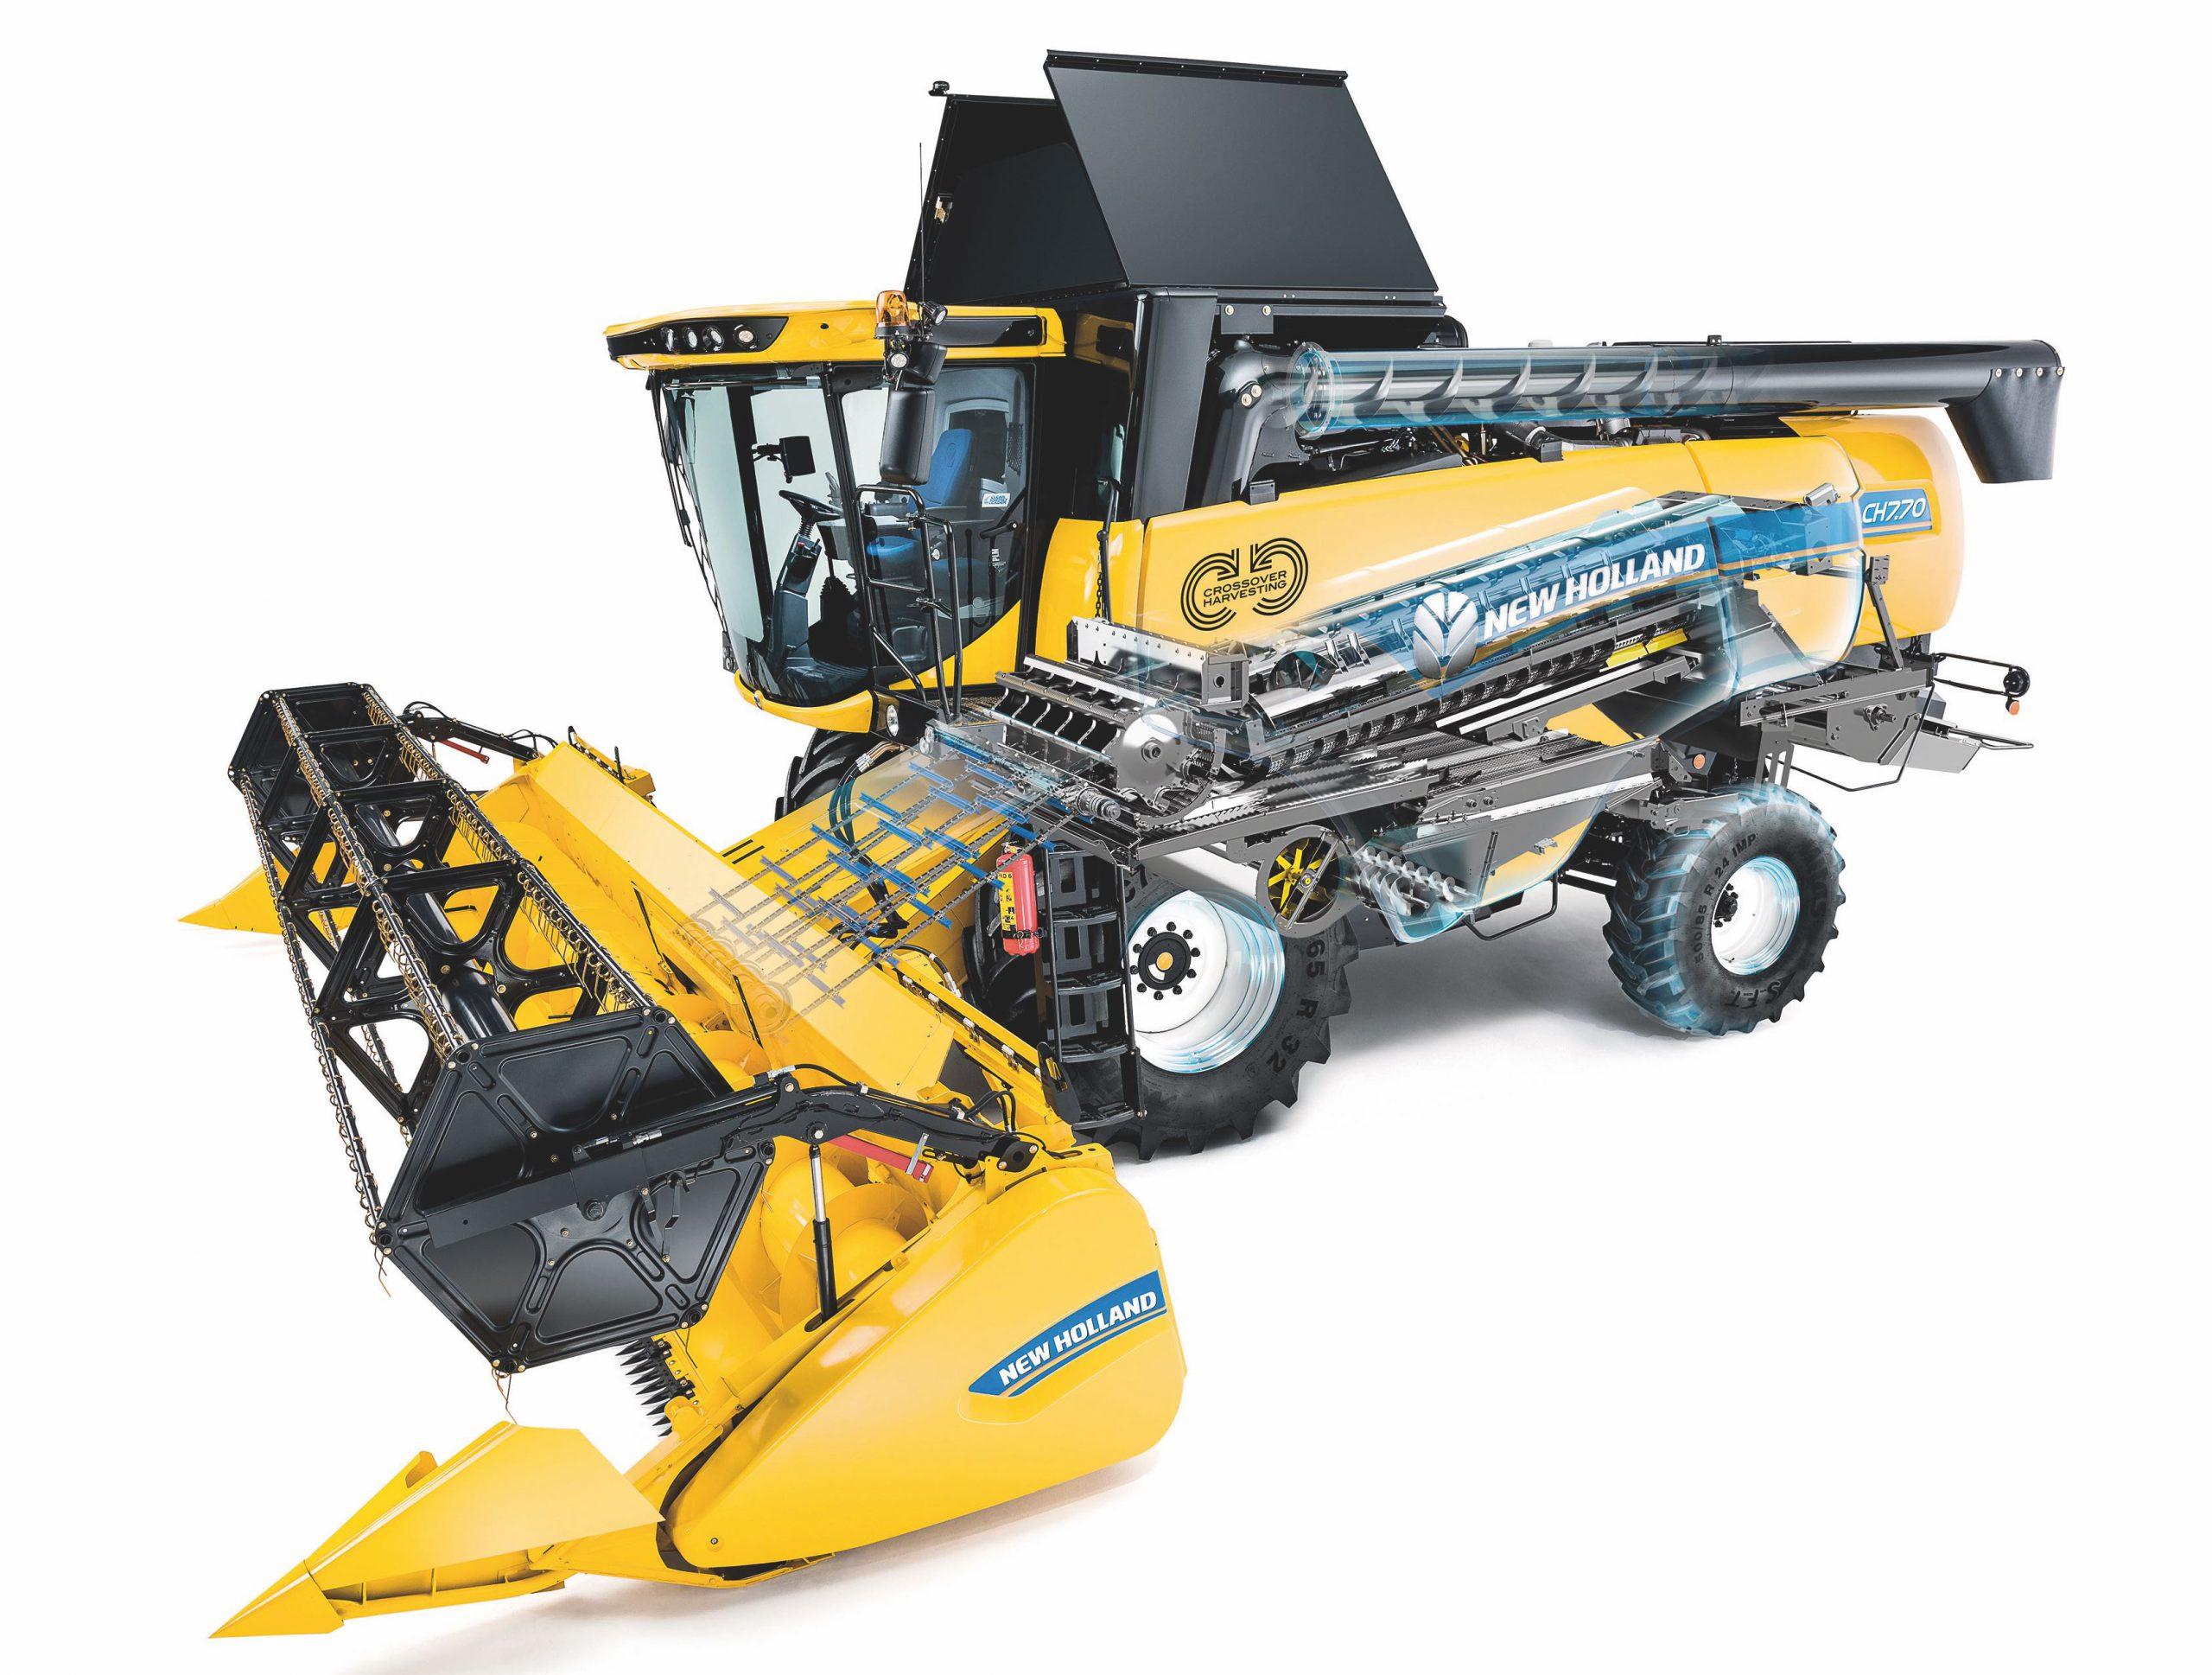 Crossover Harvesting, tecnologia ibrida per fare il pieno di prestazioni